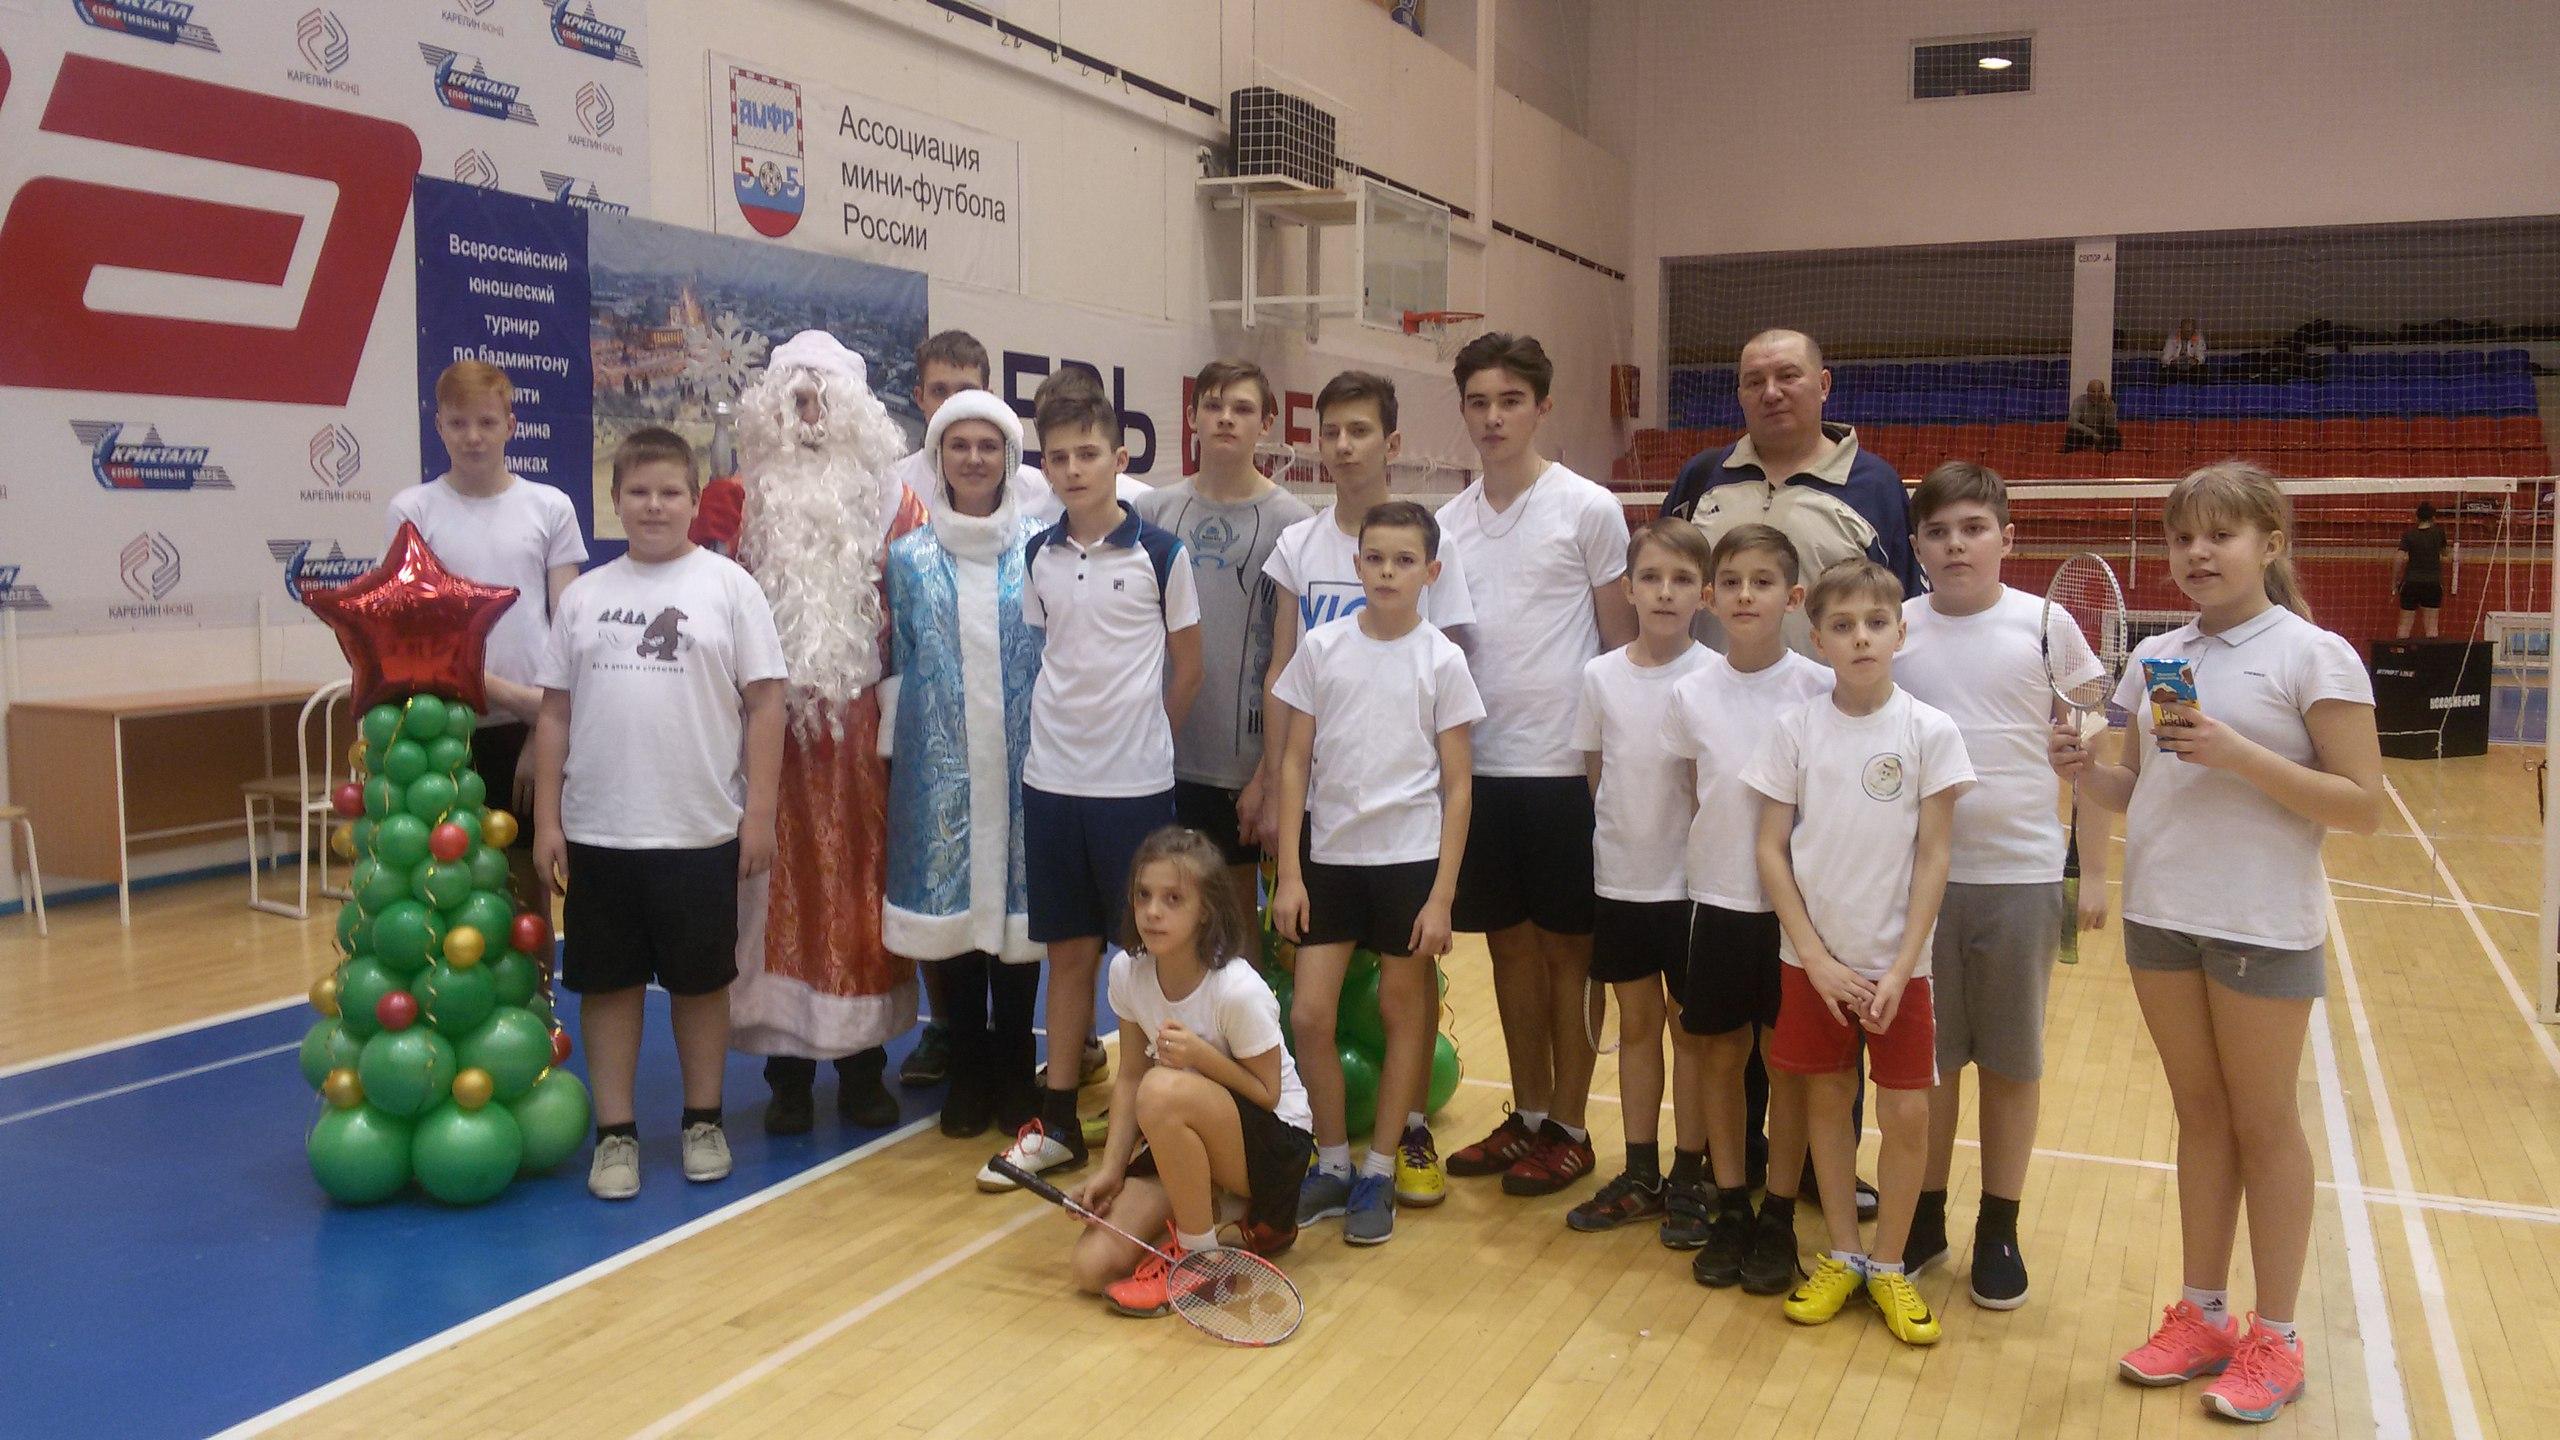 XXI Всероссийский юношеский турнир по бадминтону памяти Андрея Родина.